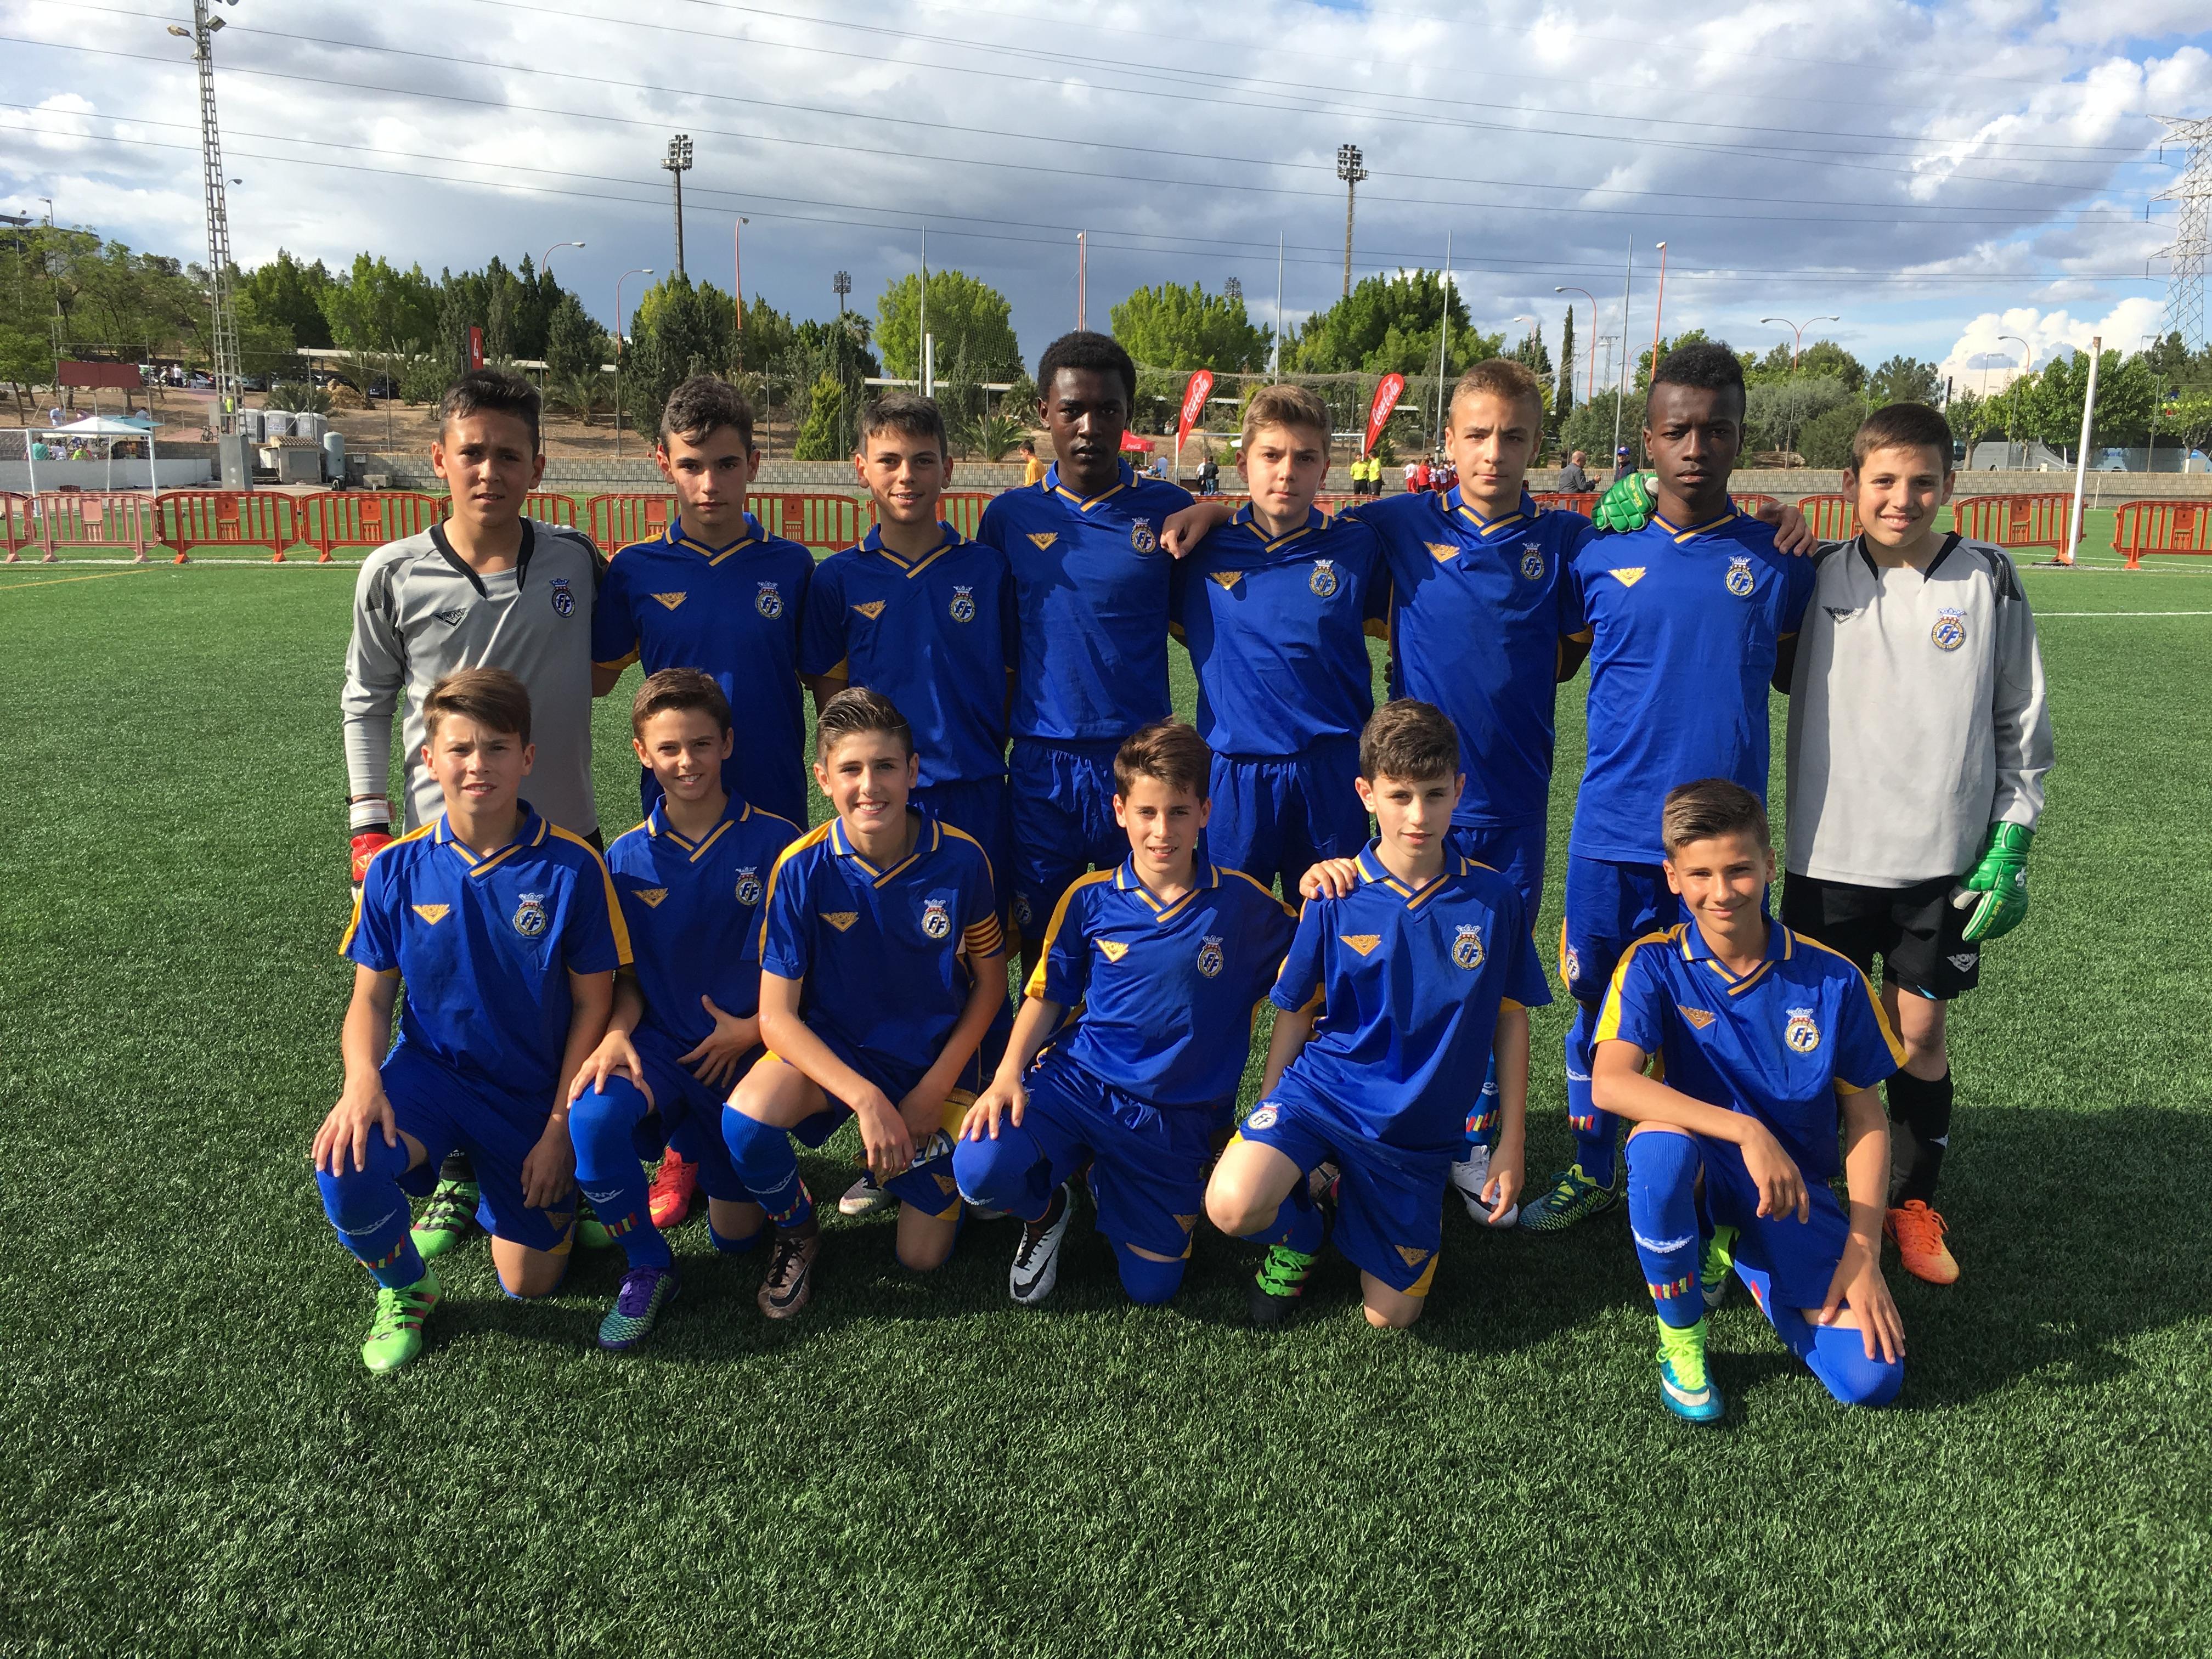 La selecci n sub 12 comienza sus entrenamientos en manises for Federacion valenciana de futbol